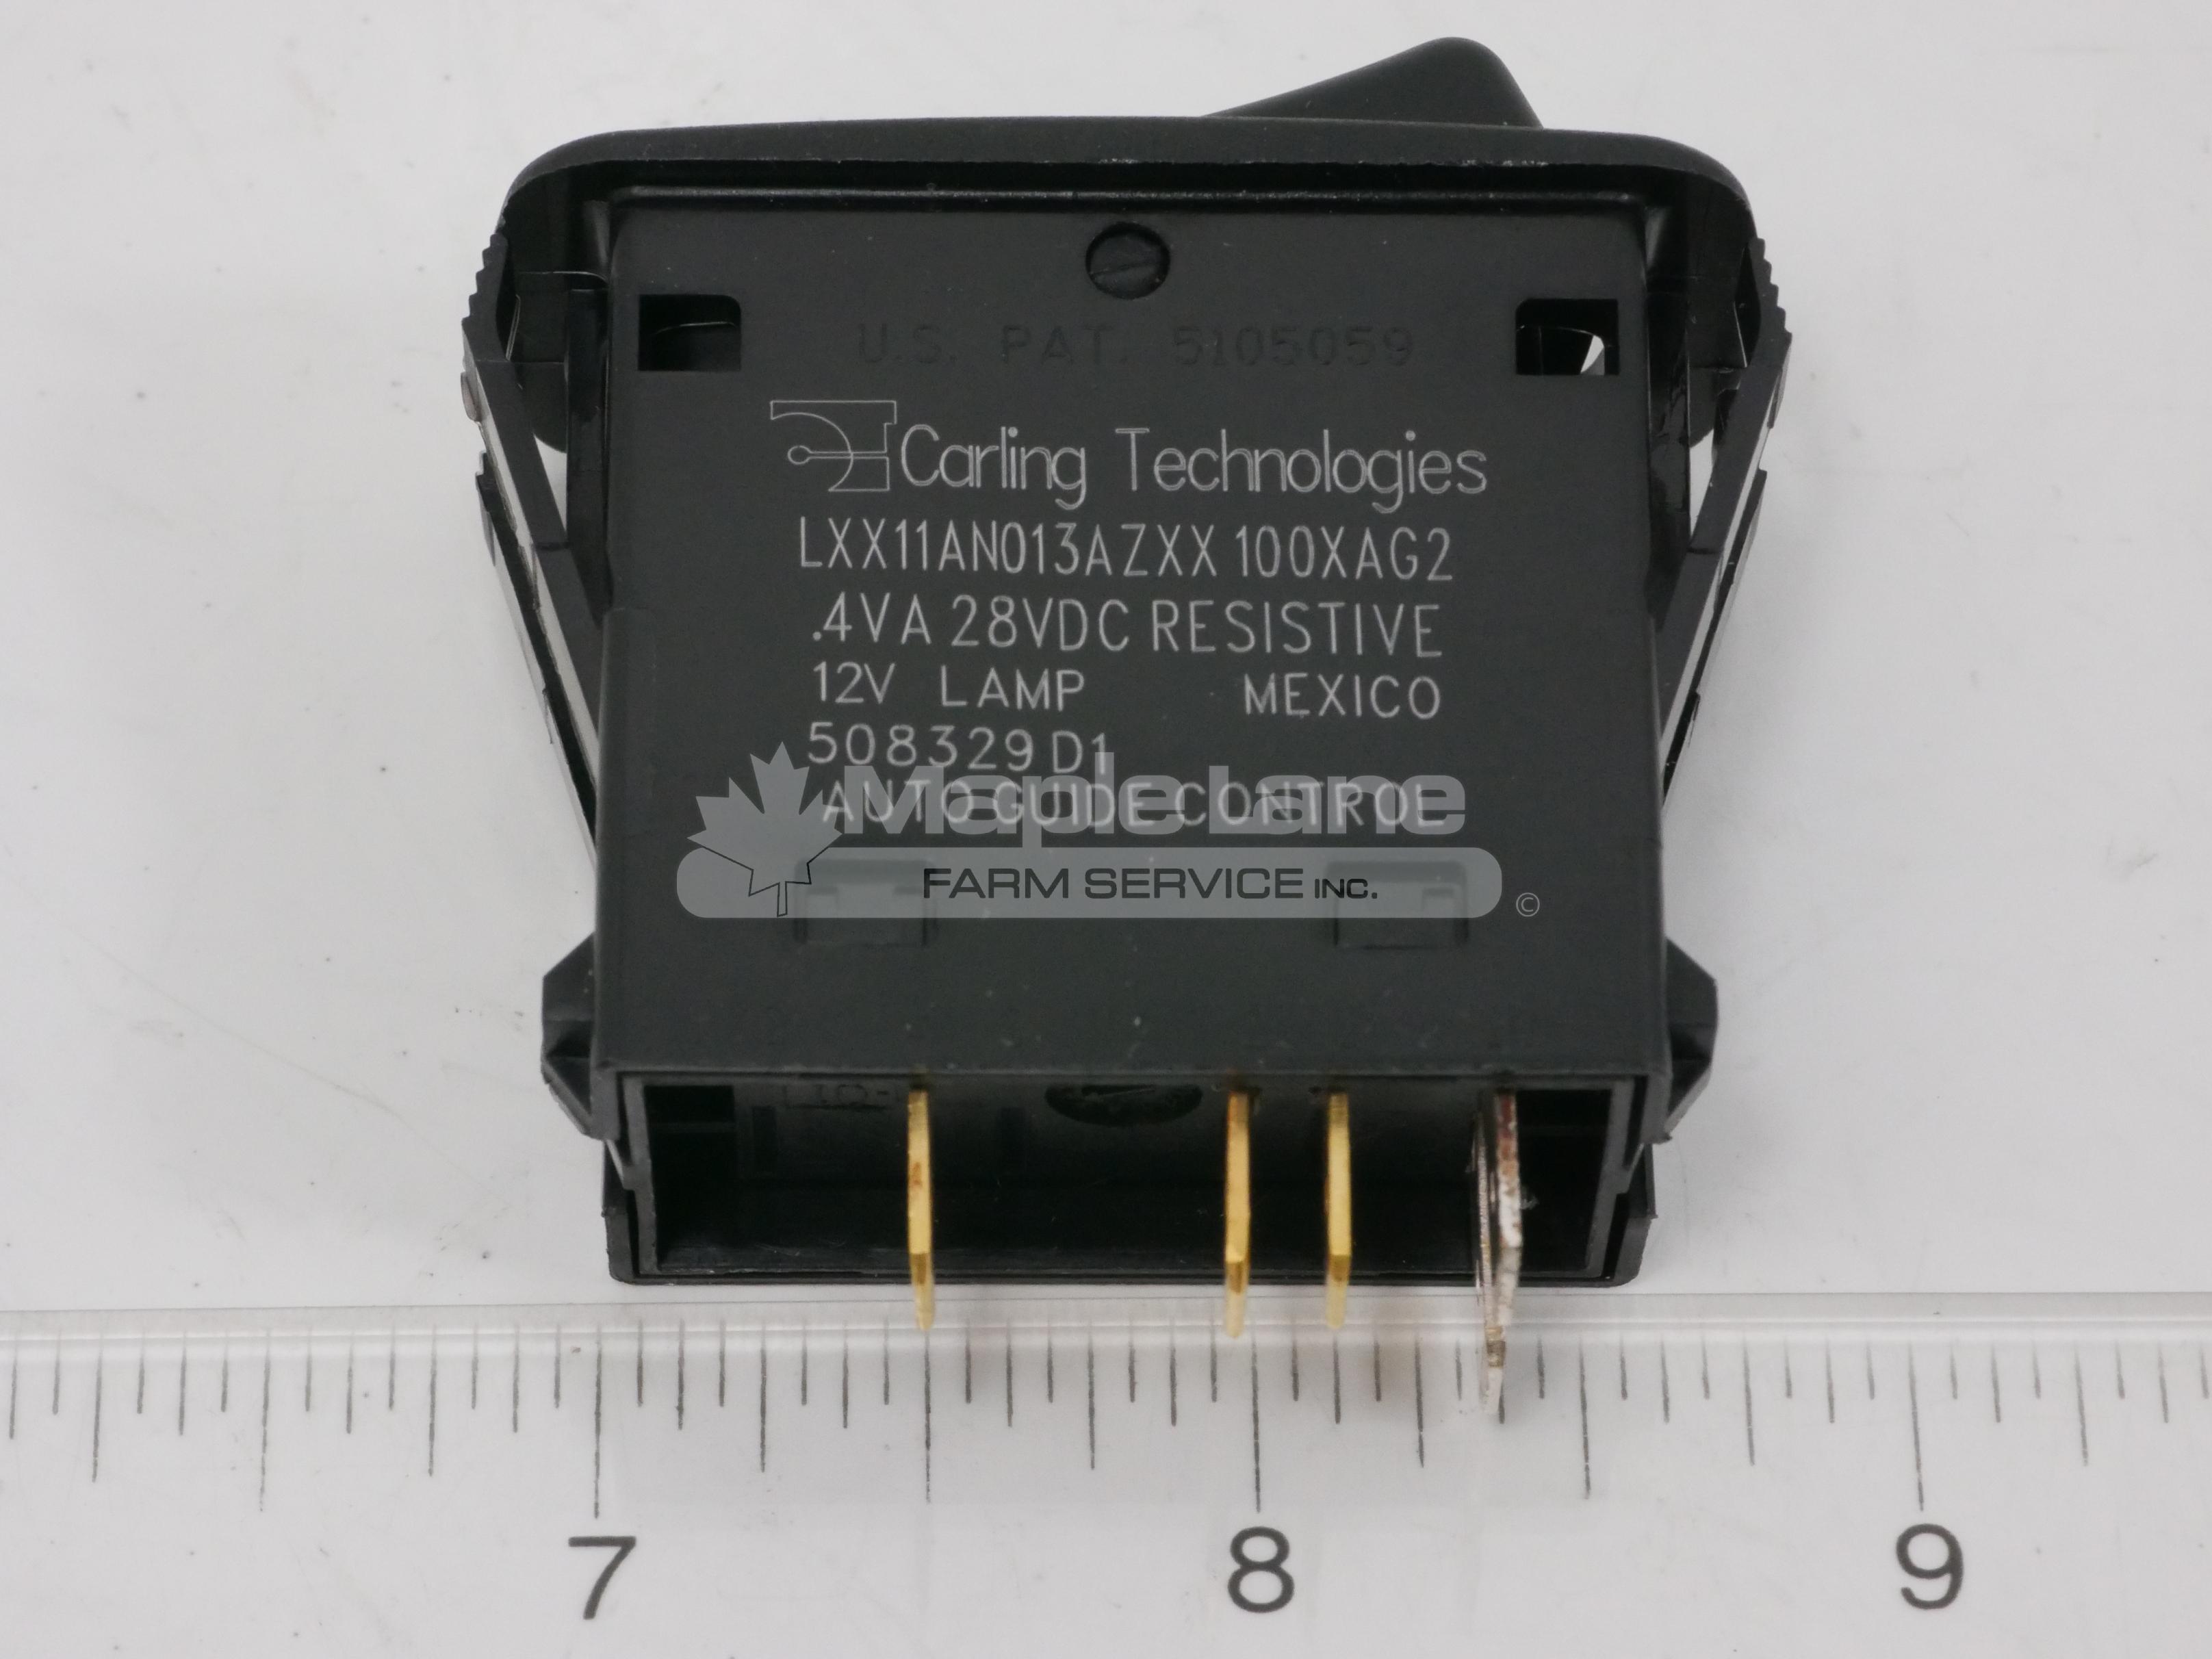 508329d1 rocker switch